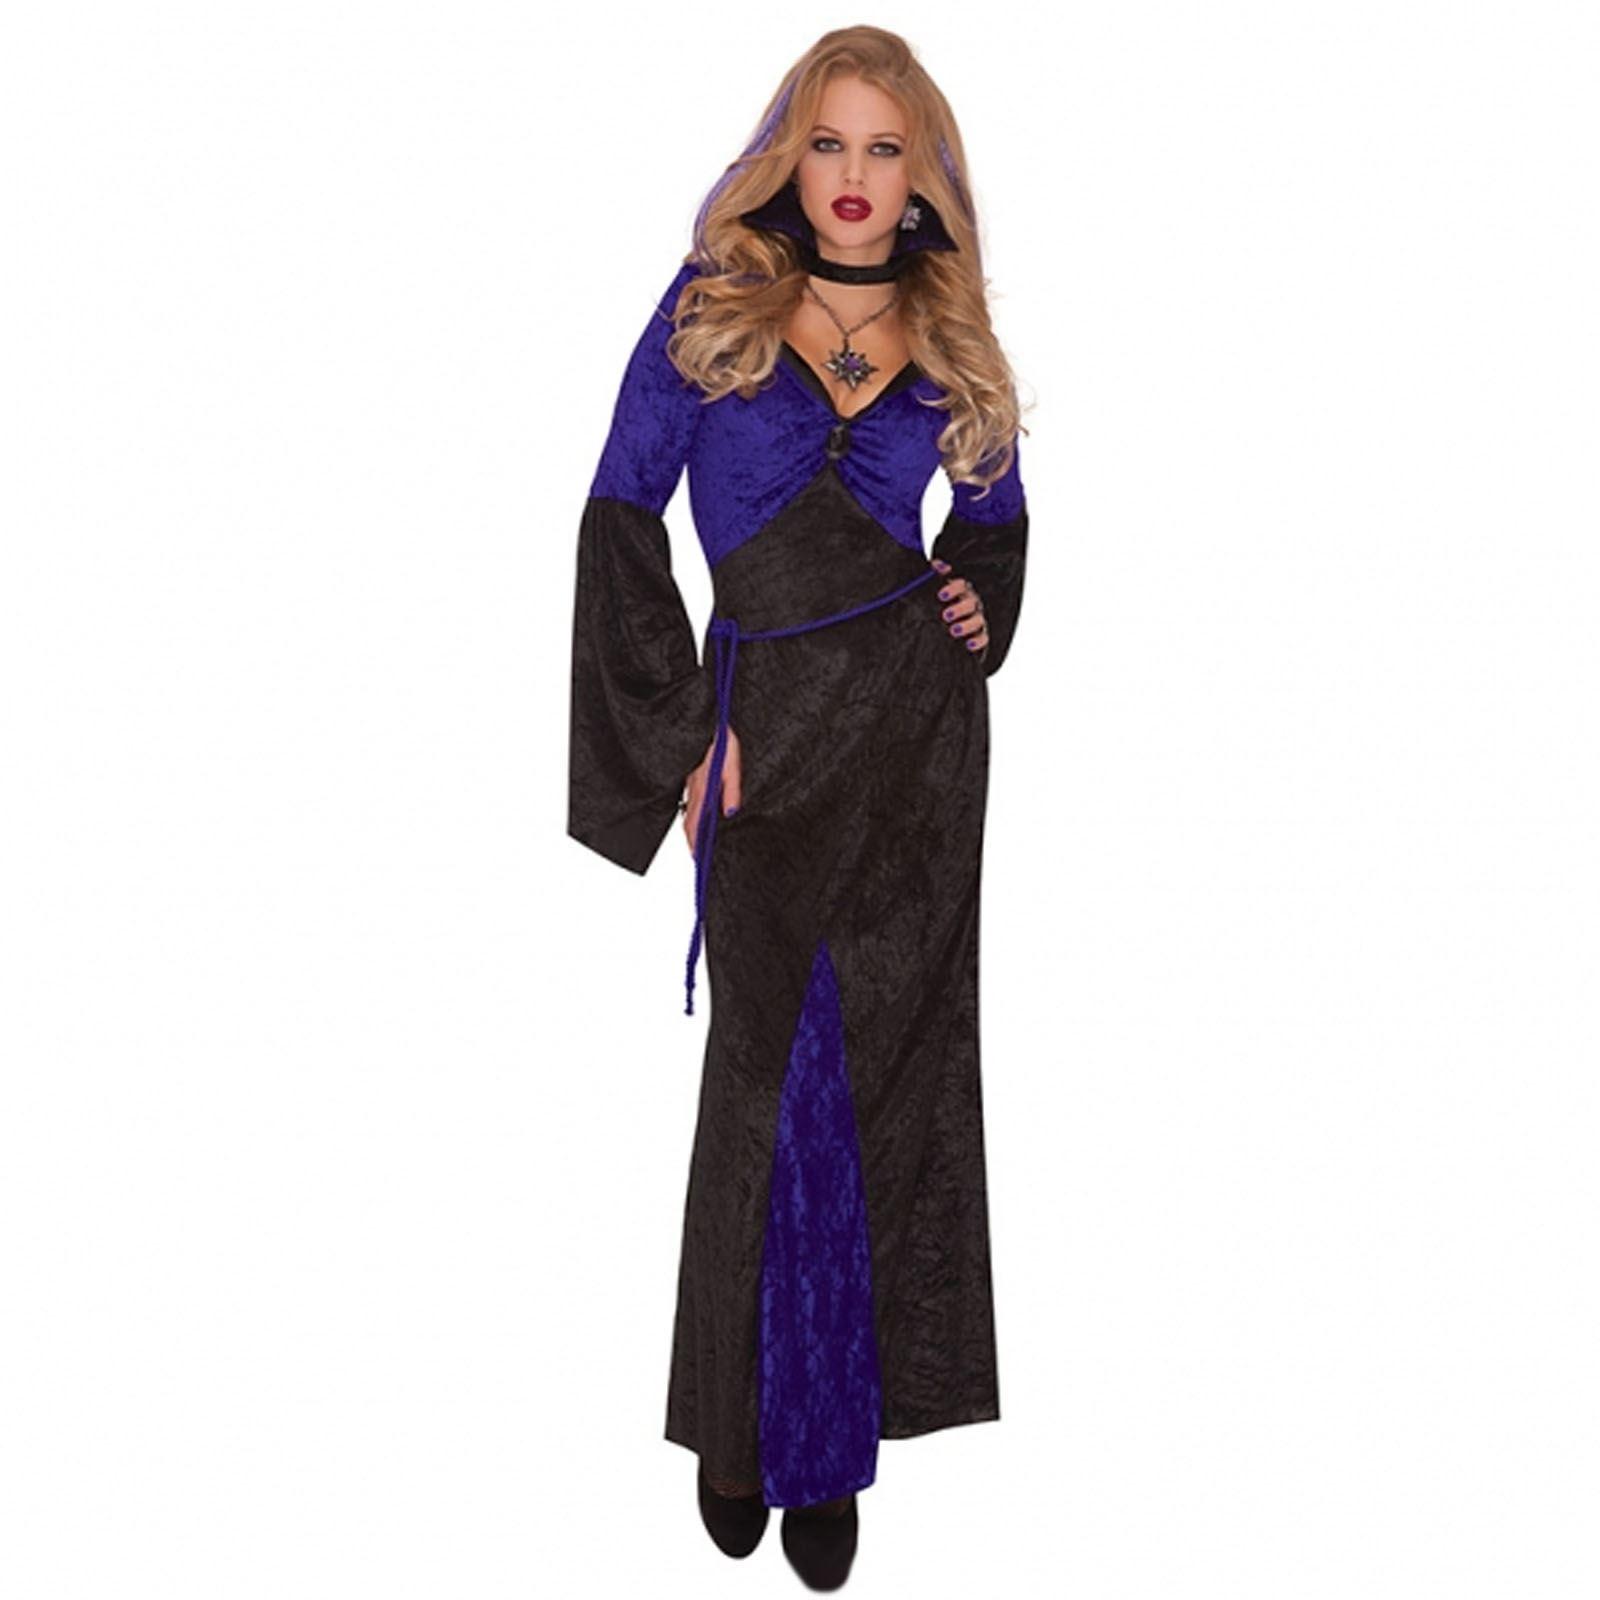 Adult/'s Ladies Vampire Queen Gothic Fairytale Halloween Fancy Dress Costume